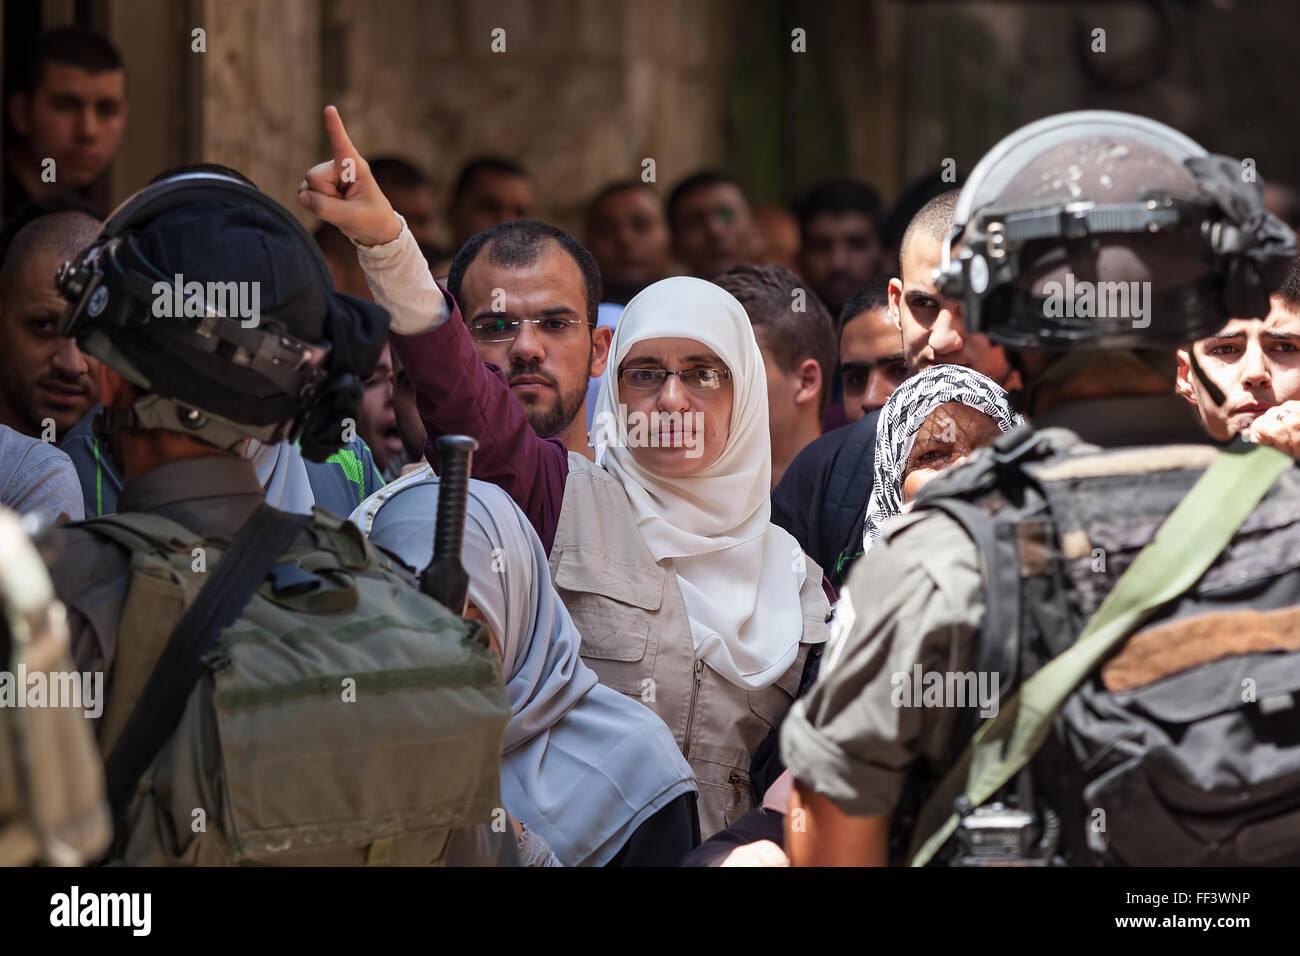 La protesta palestinese nella città vecchia di Gerusalemme, Israele. Immagini Stock